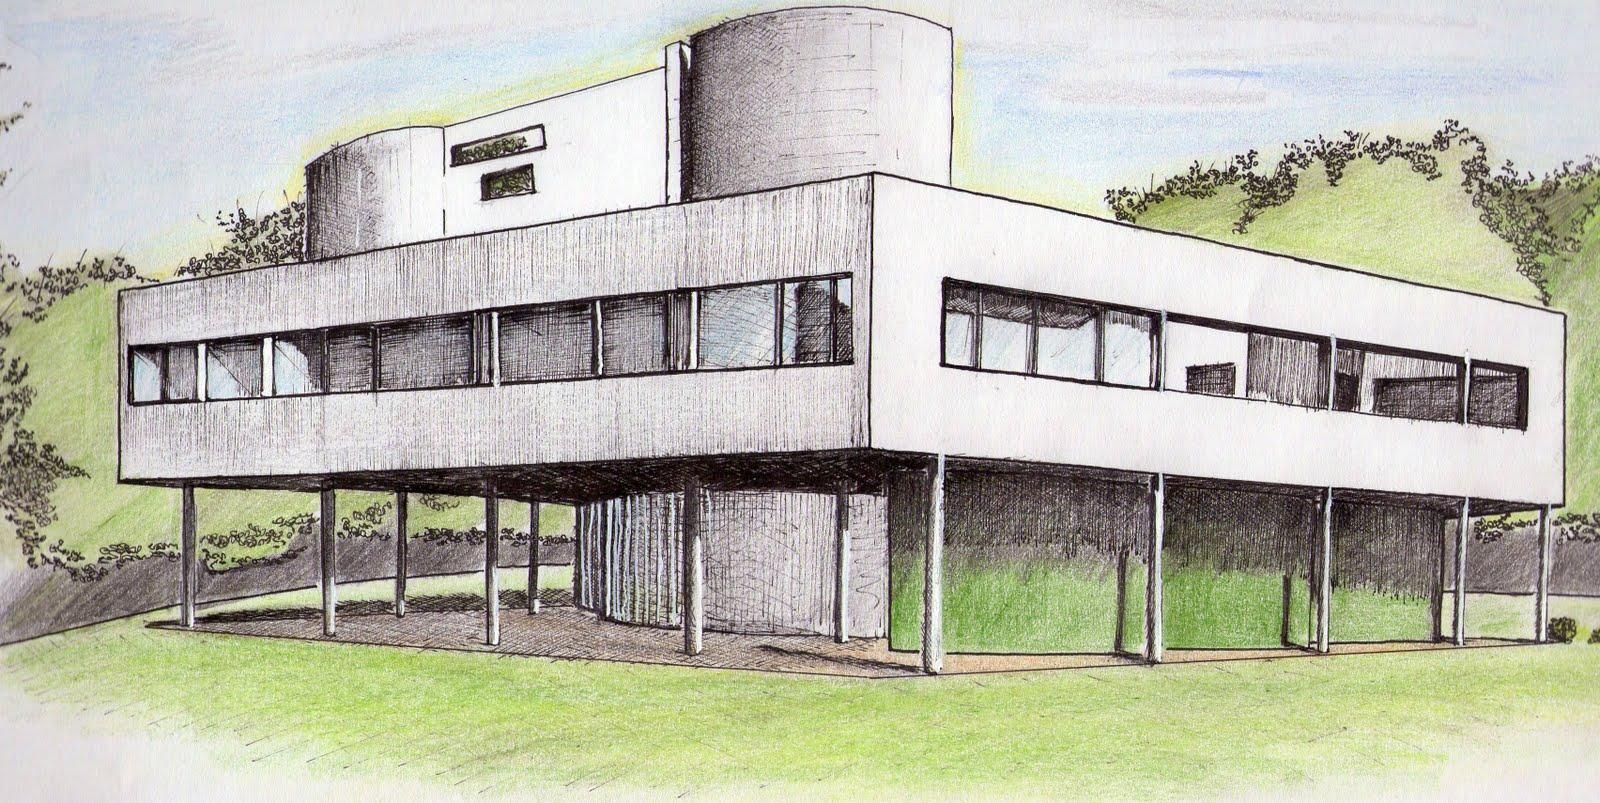 Apuntes revista digital de arquitectura apuntes y bocetos 2 for 5 tecnicas de la arquitectura